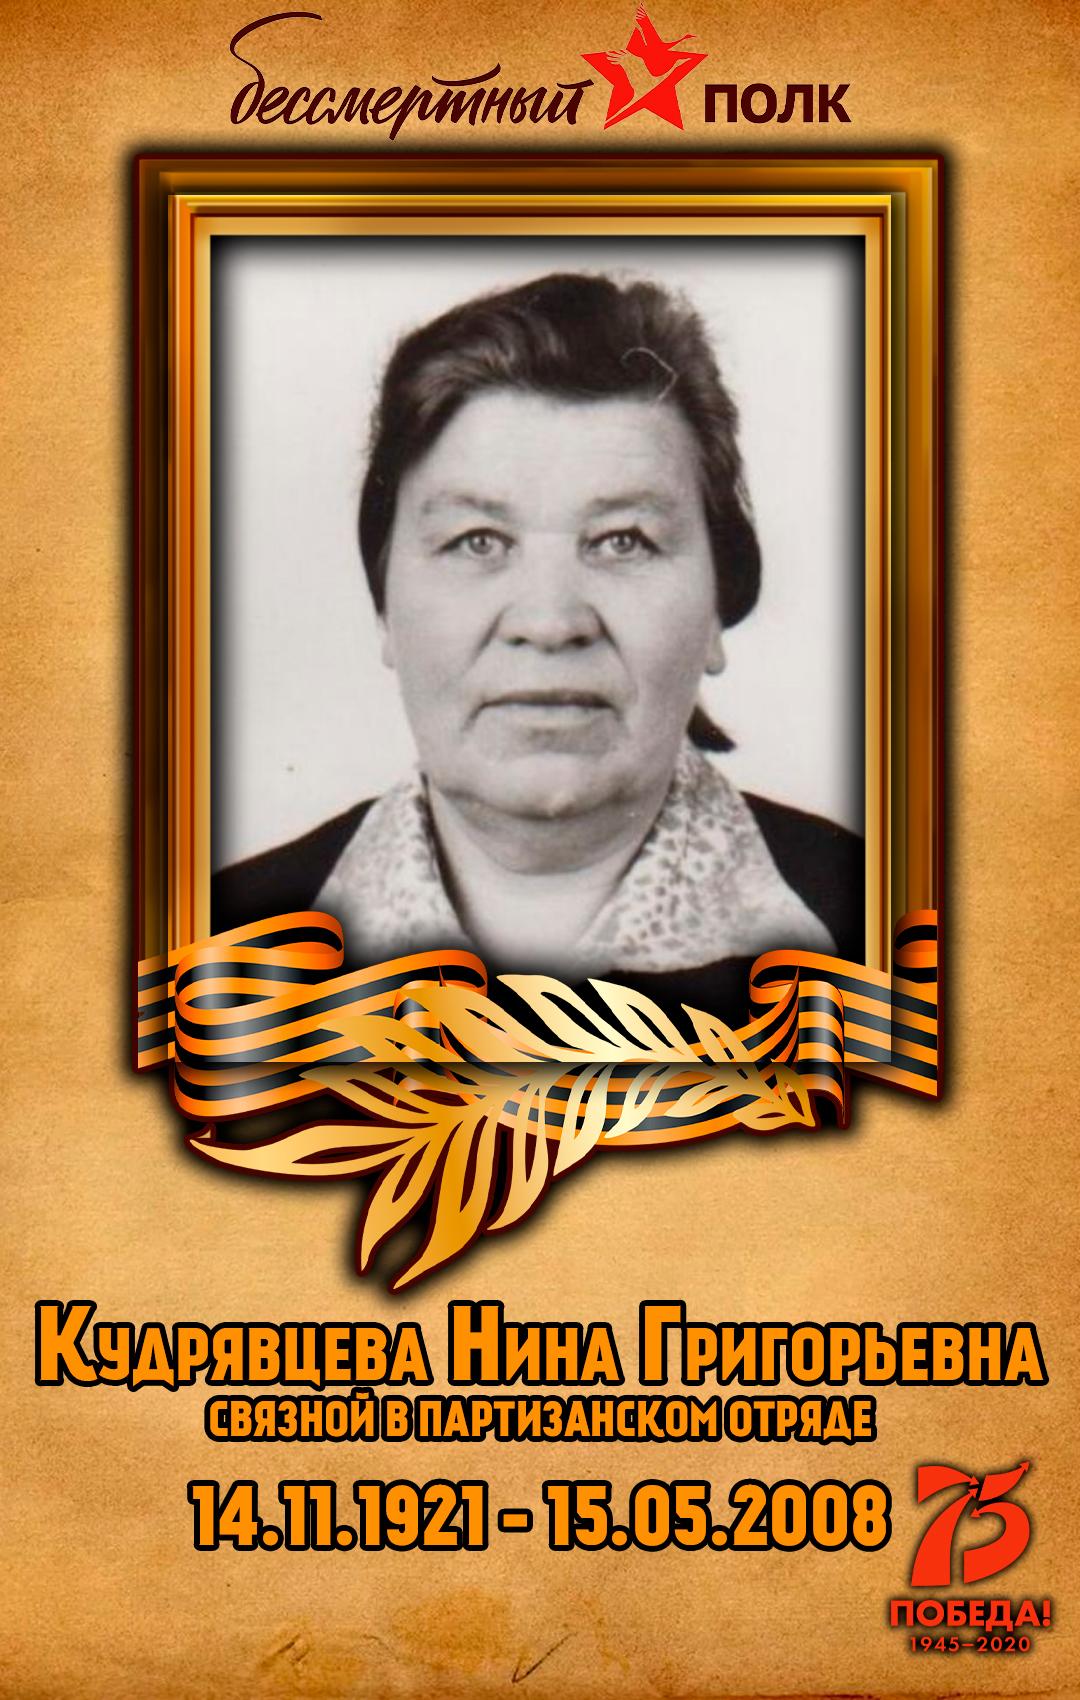 Кудрявцева-Нина-Григорьевна